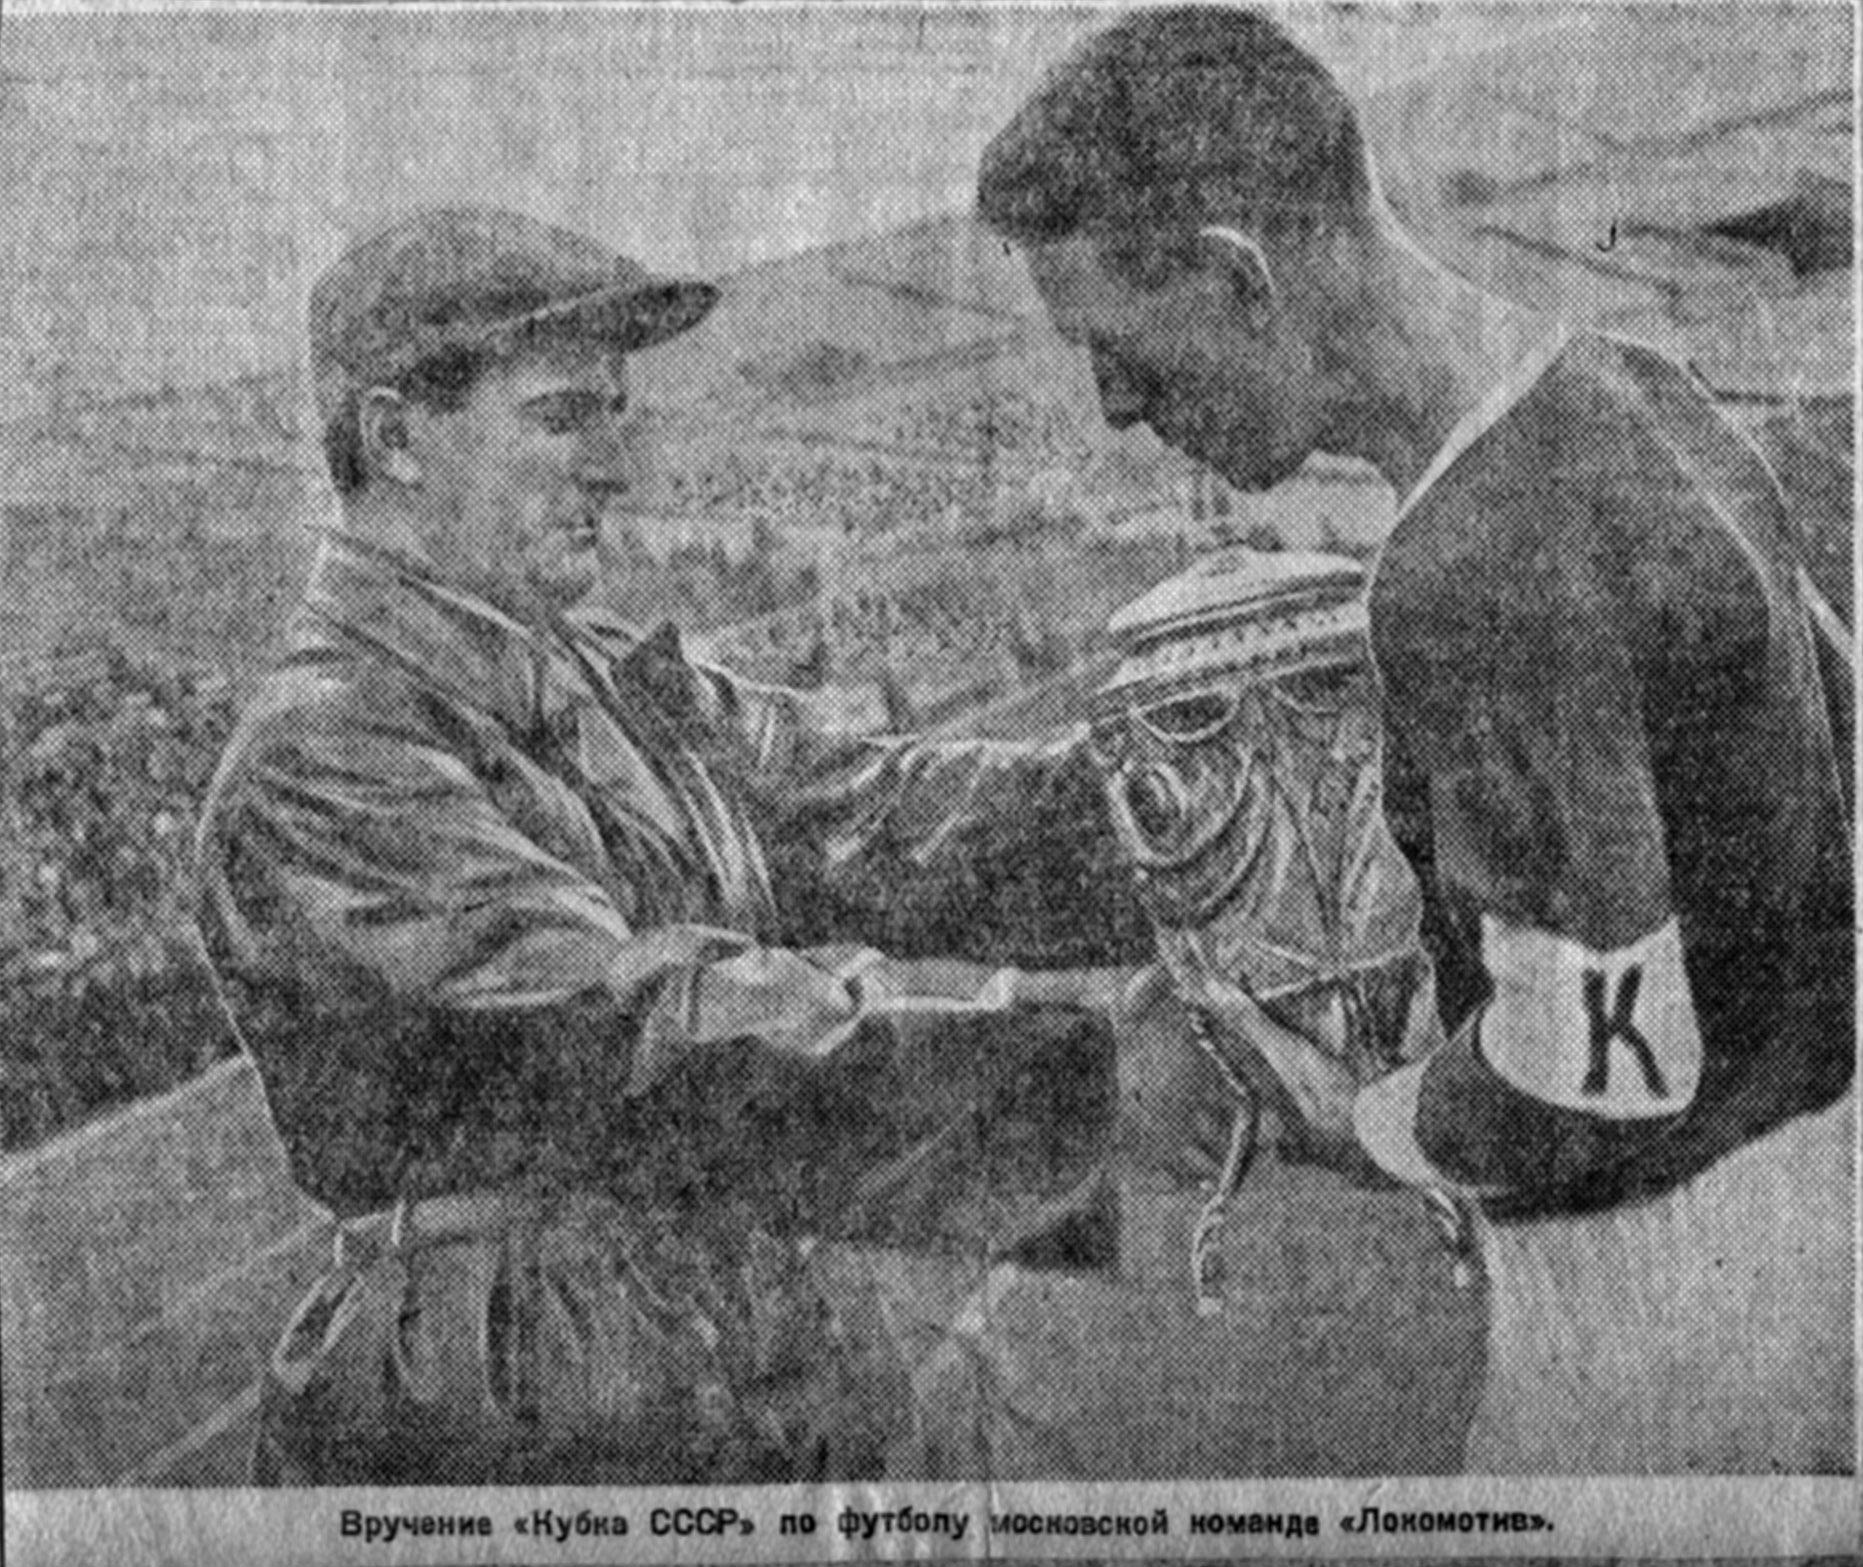 Вручение кубка СССР Локомотиву (1936 год)